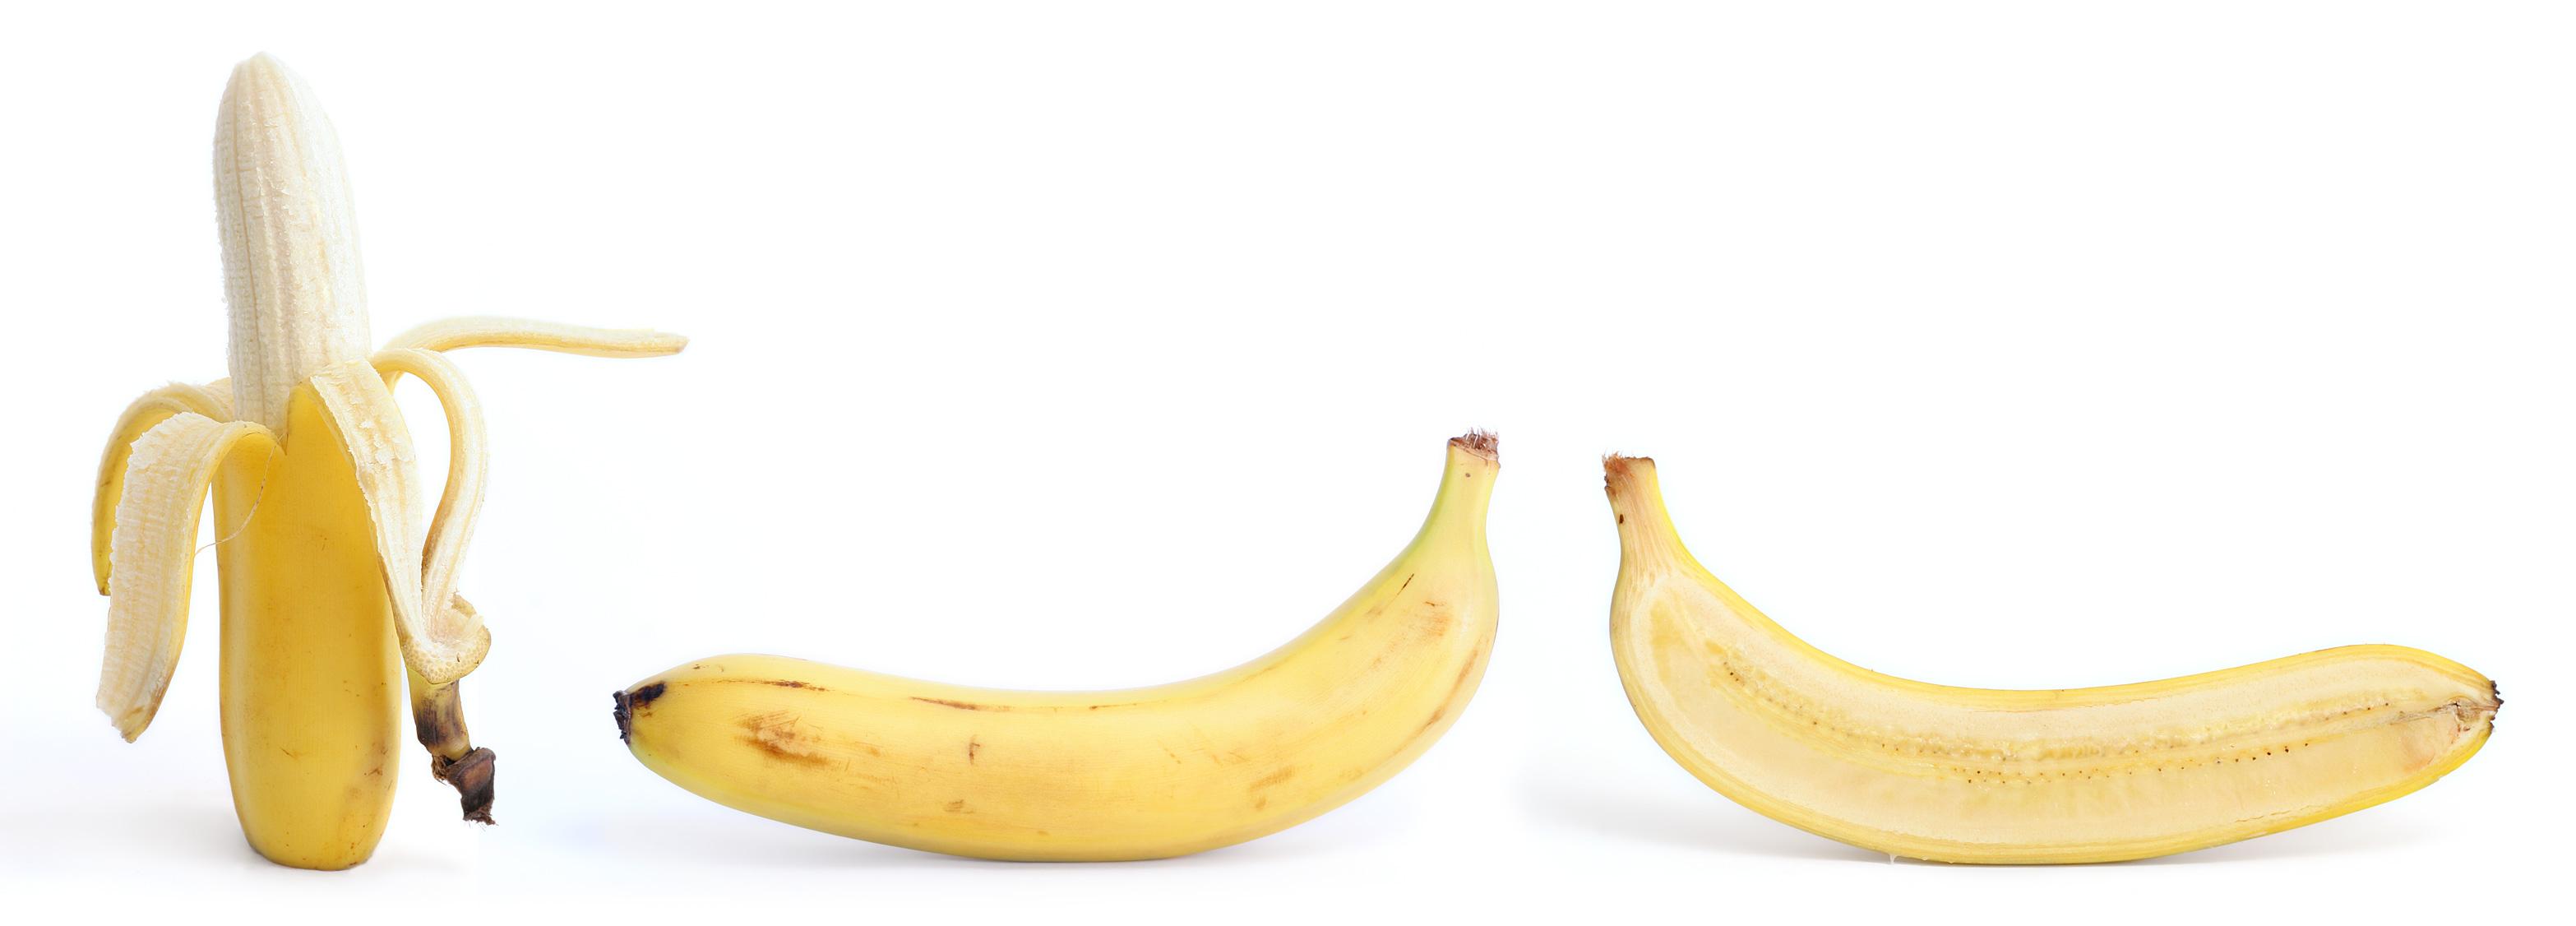 الإنتاج الشحن والتجارة في الموز 20101205110412%21Banana_and_cross_section